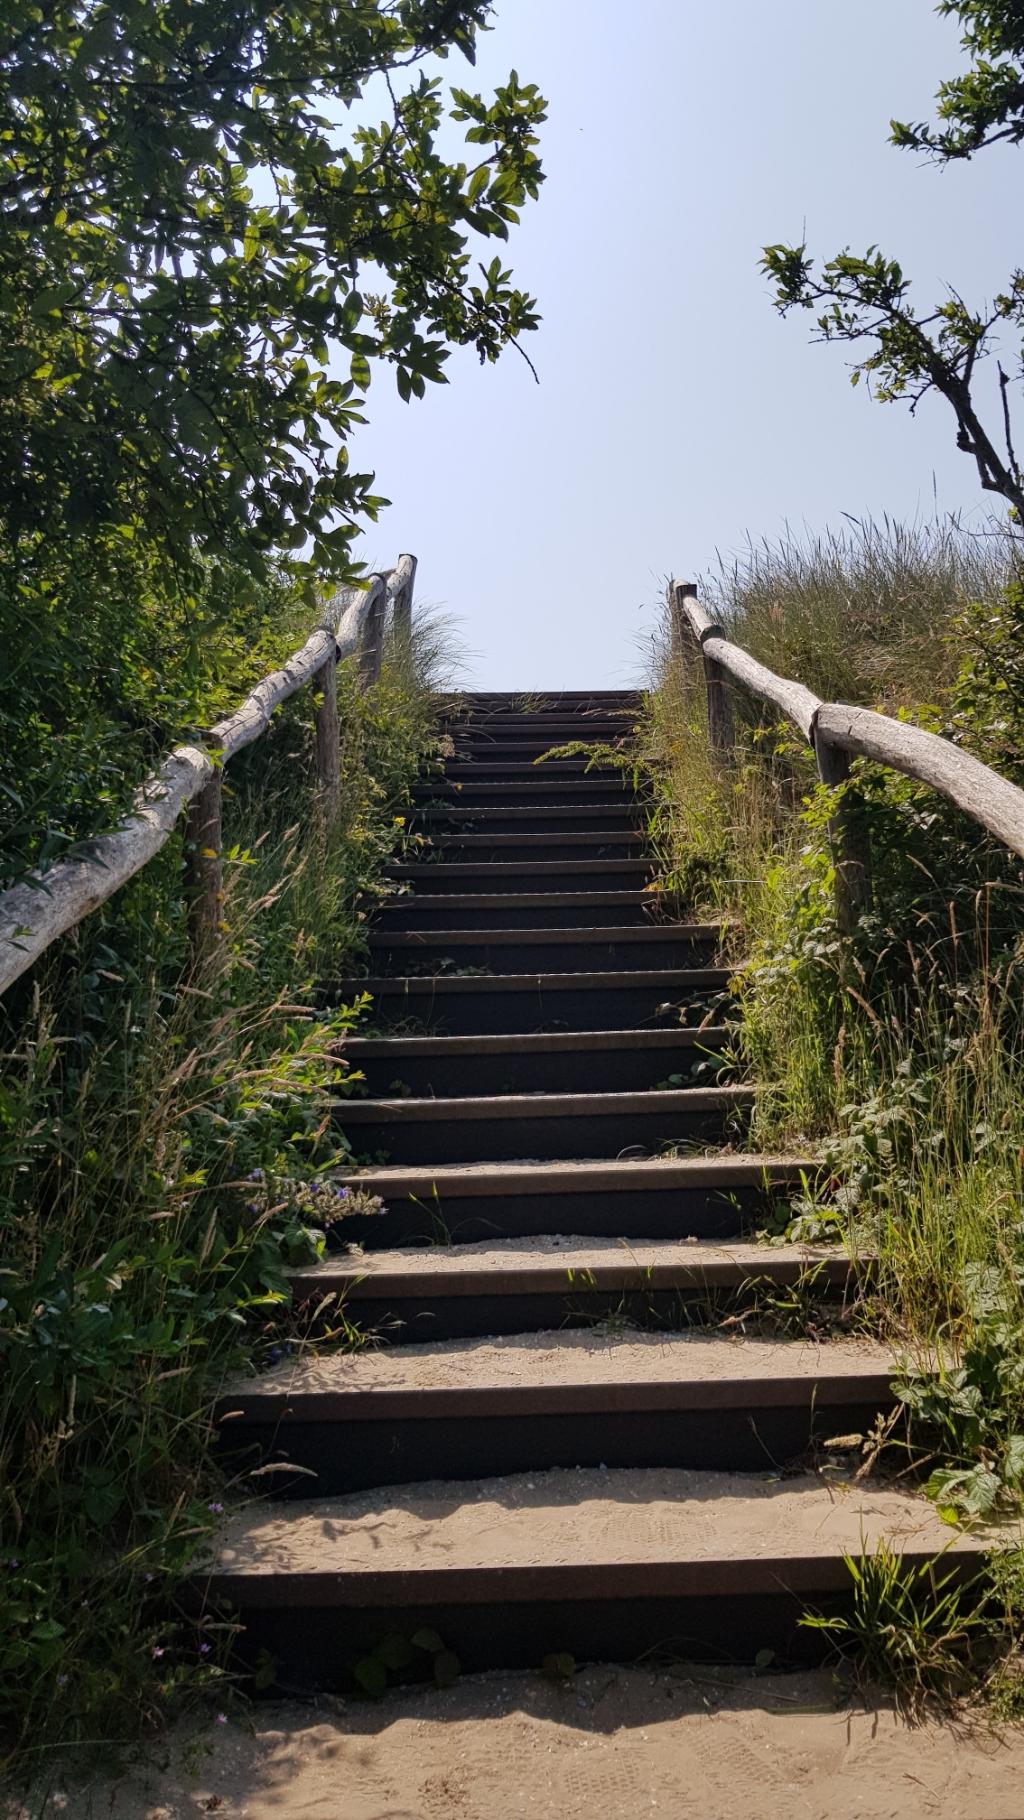 De trap richting het uitkijkpunt op de Hazenberg. Mariëlle Tukker © BDU Media